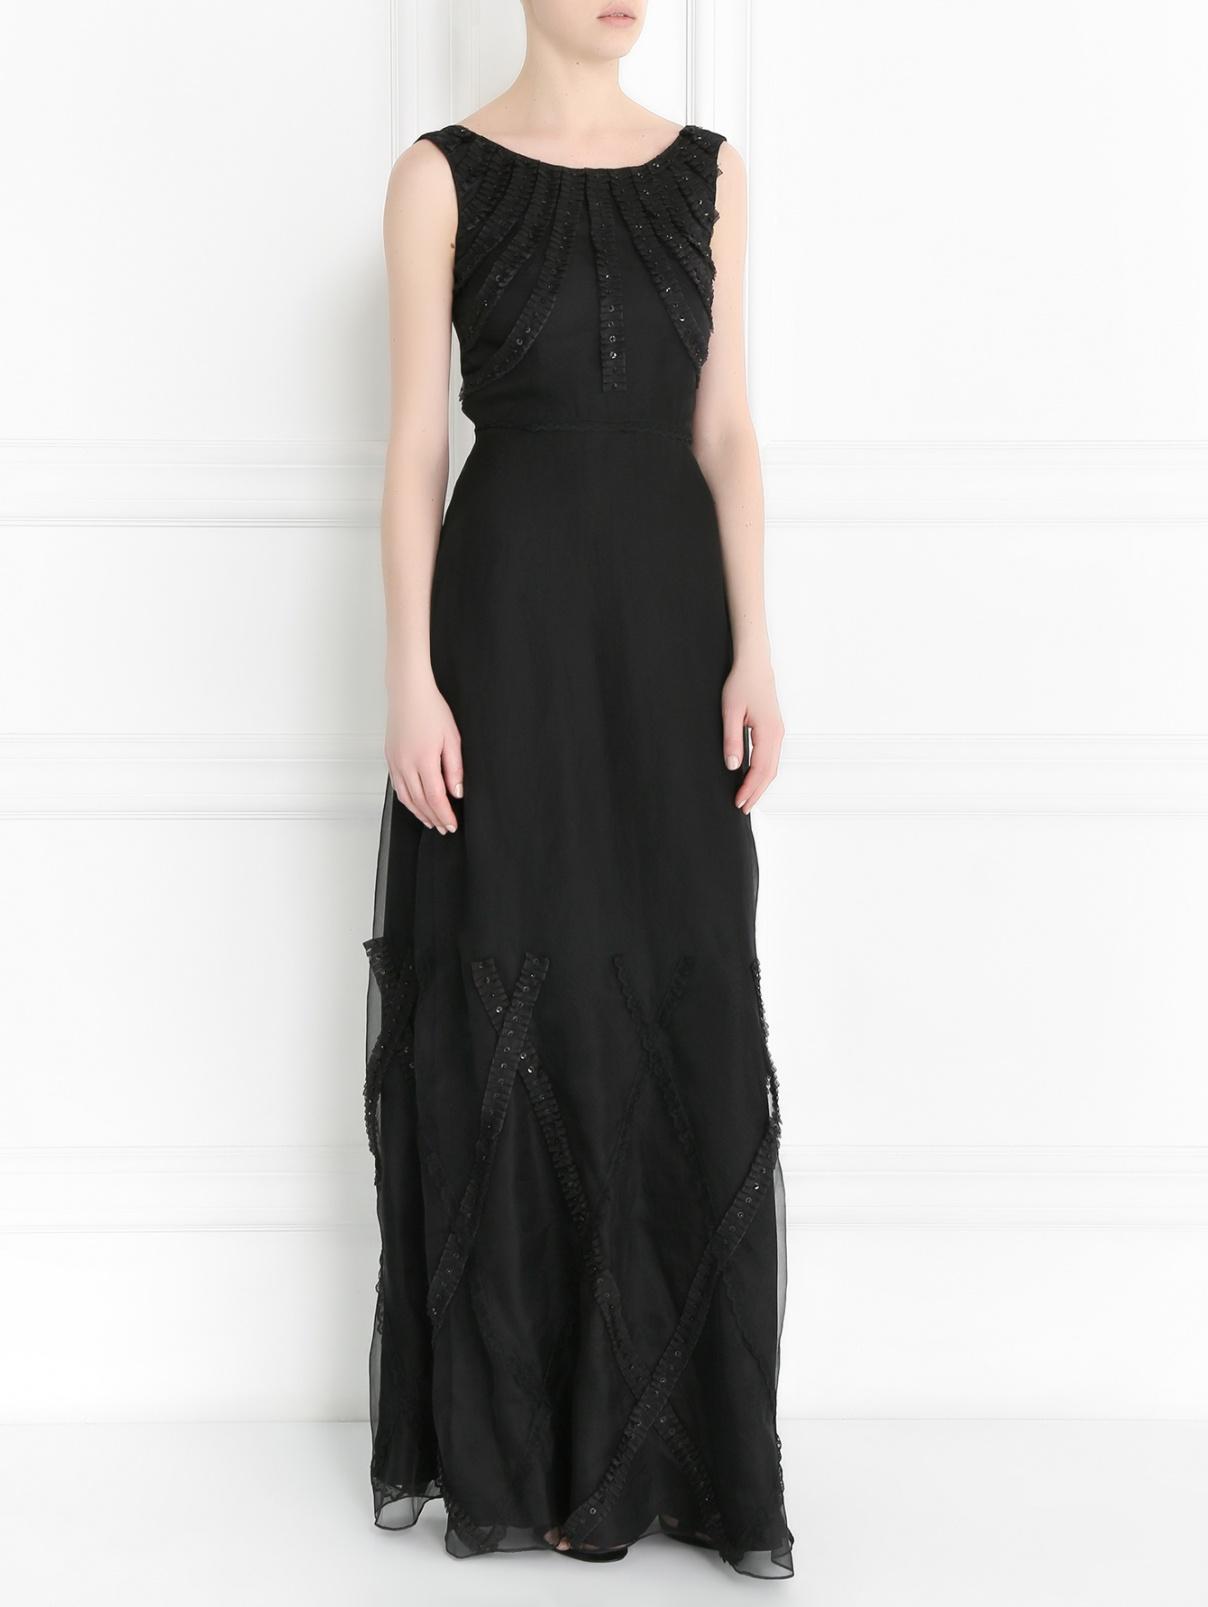 Платье-макси из шелка с декором Moschino Cheap&Chic  –  Модель Общий вид